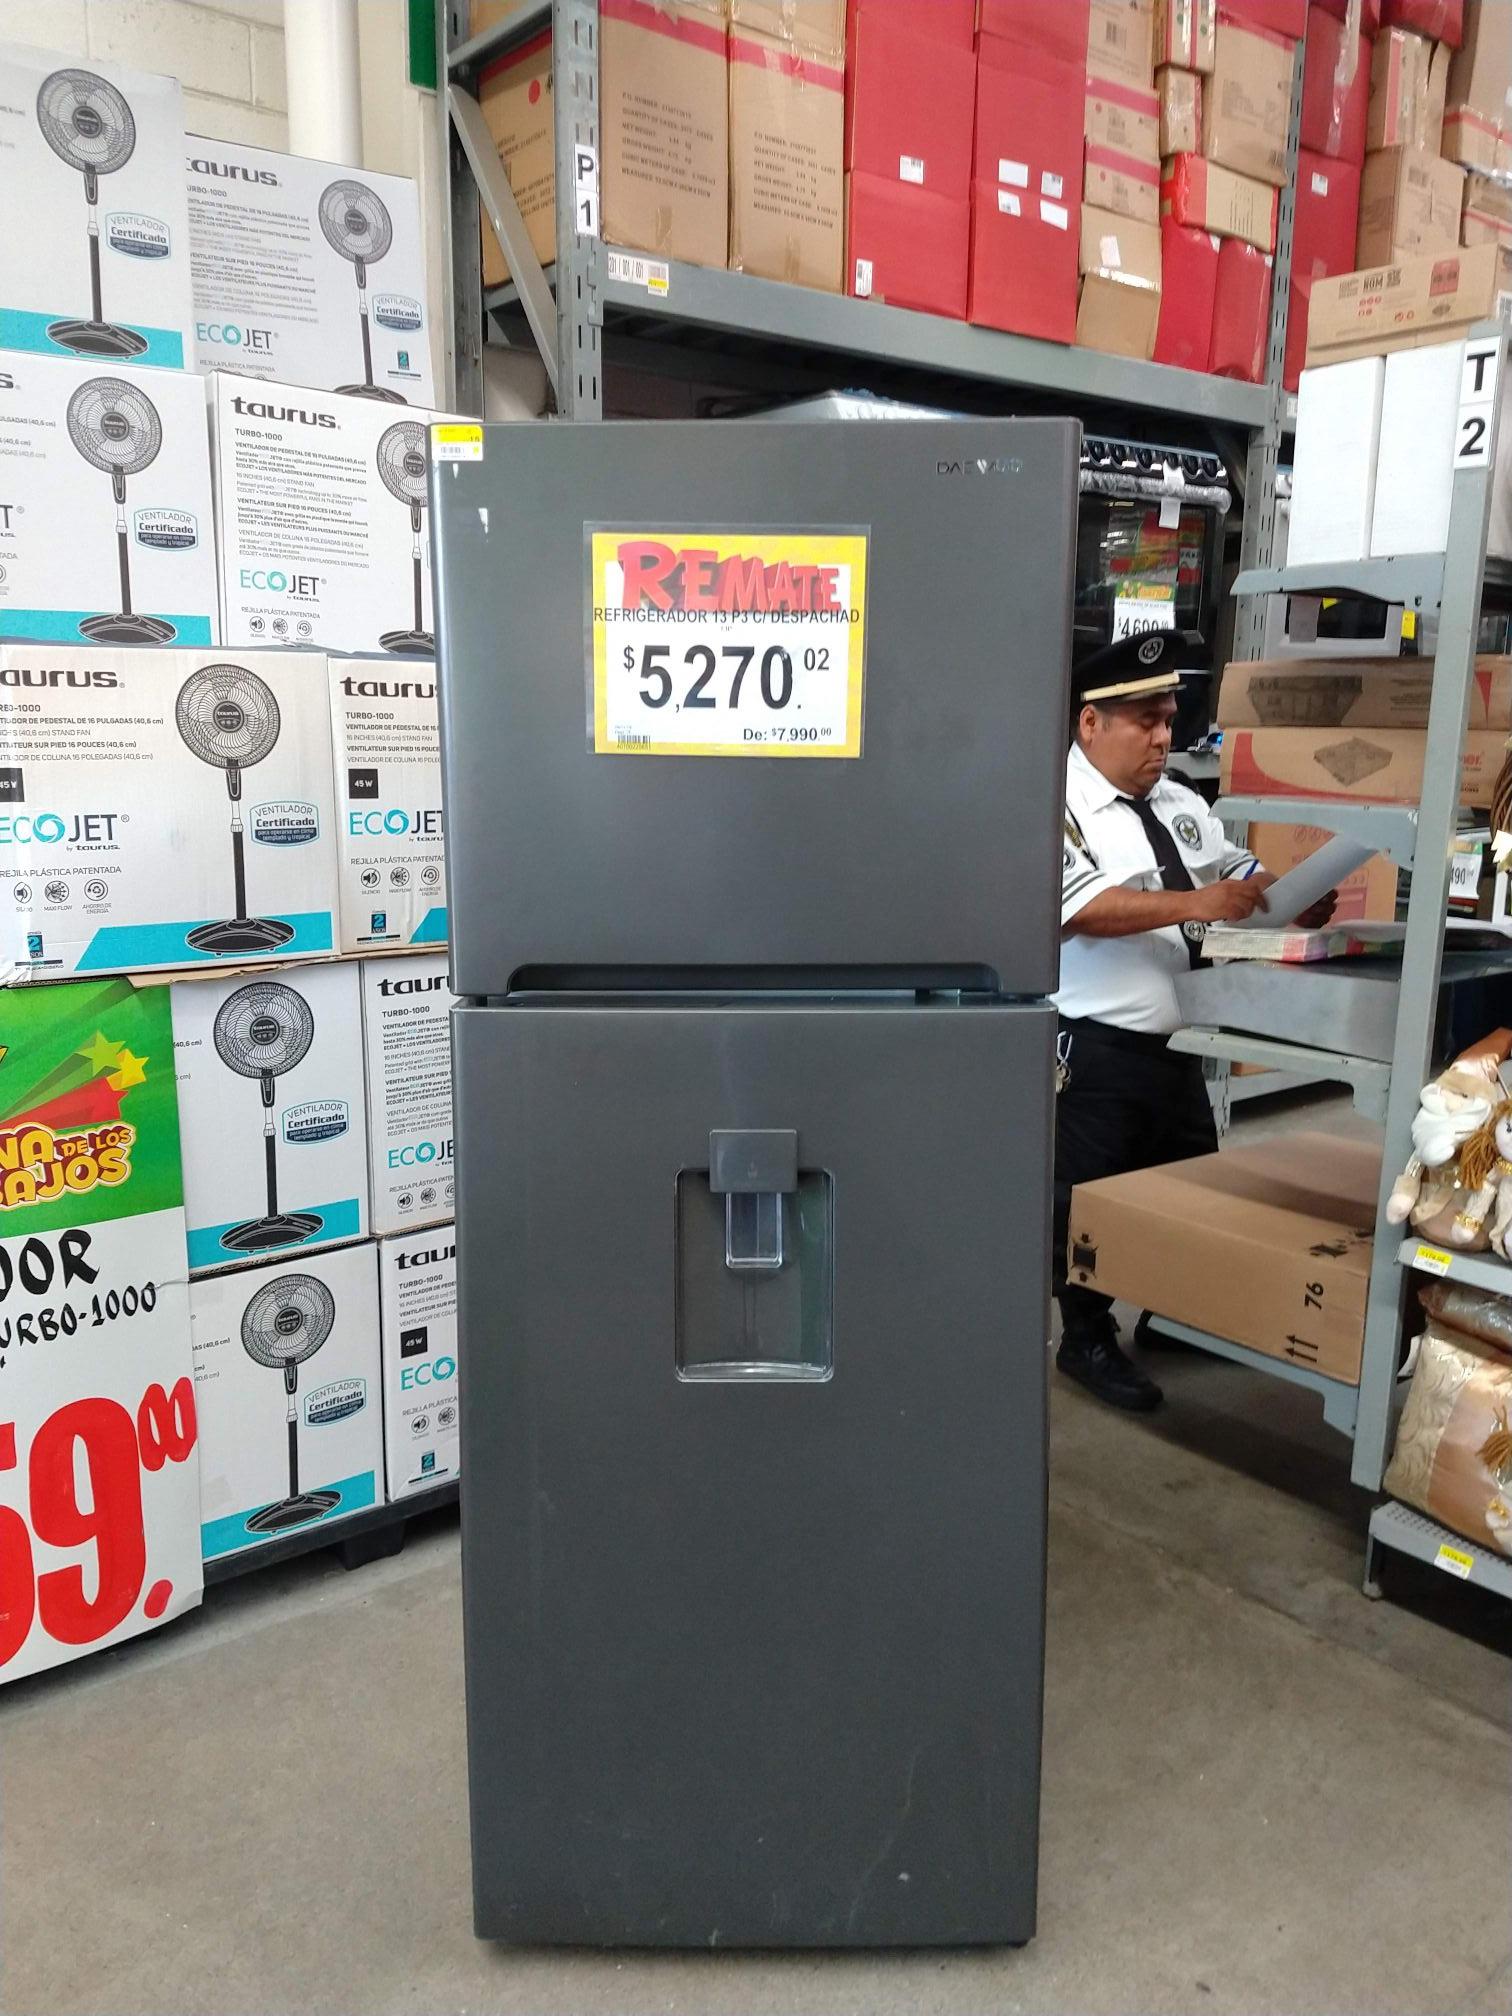 Bodega Aurrerá Coloso, Acapulco de Juárez: Refrigerador Daewoo 13 pies